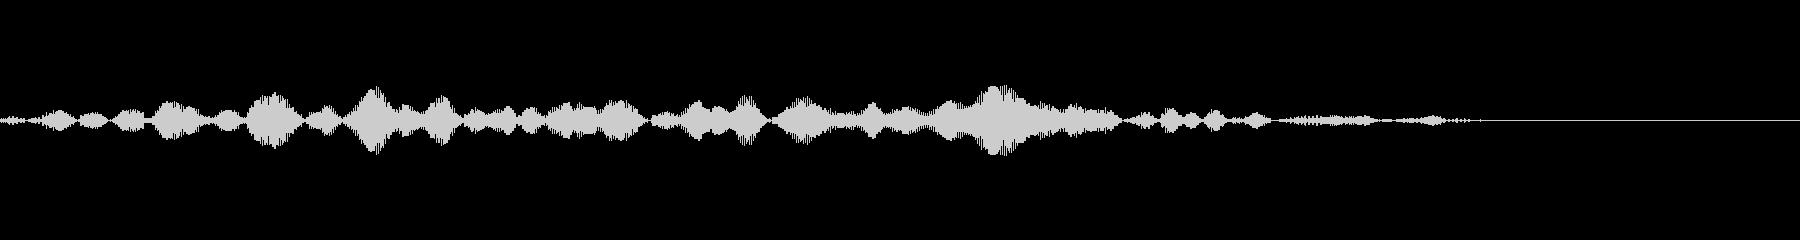 「ぴっ」という鳥の声です。何かをスライ…の未再生の波形